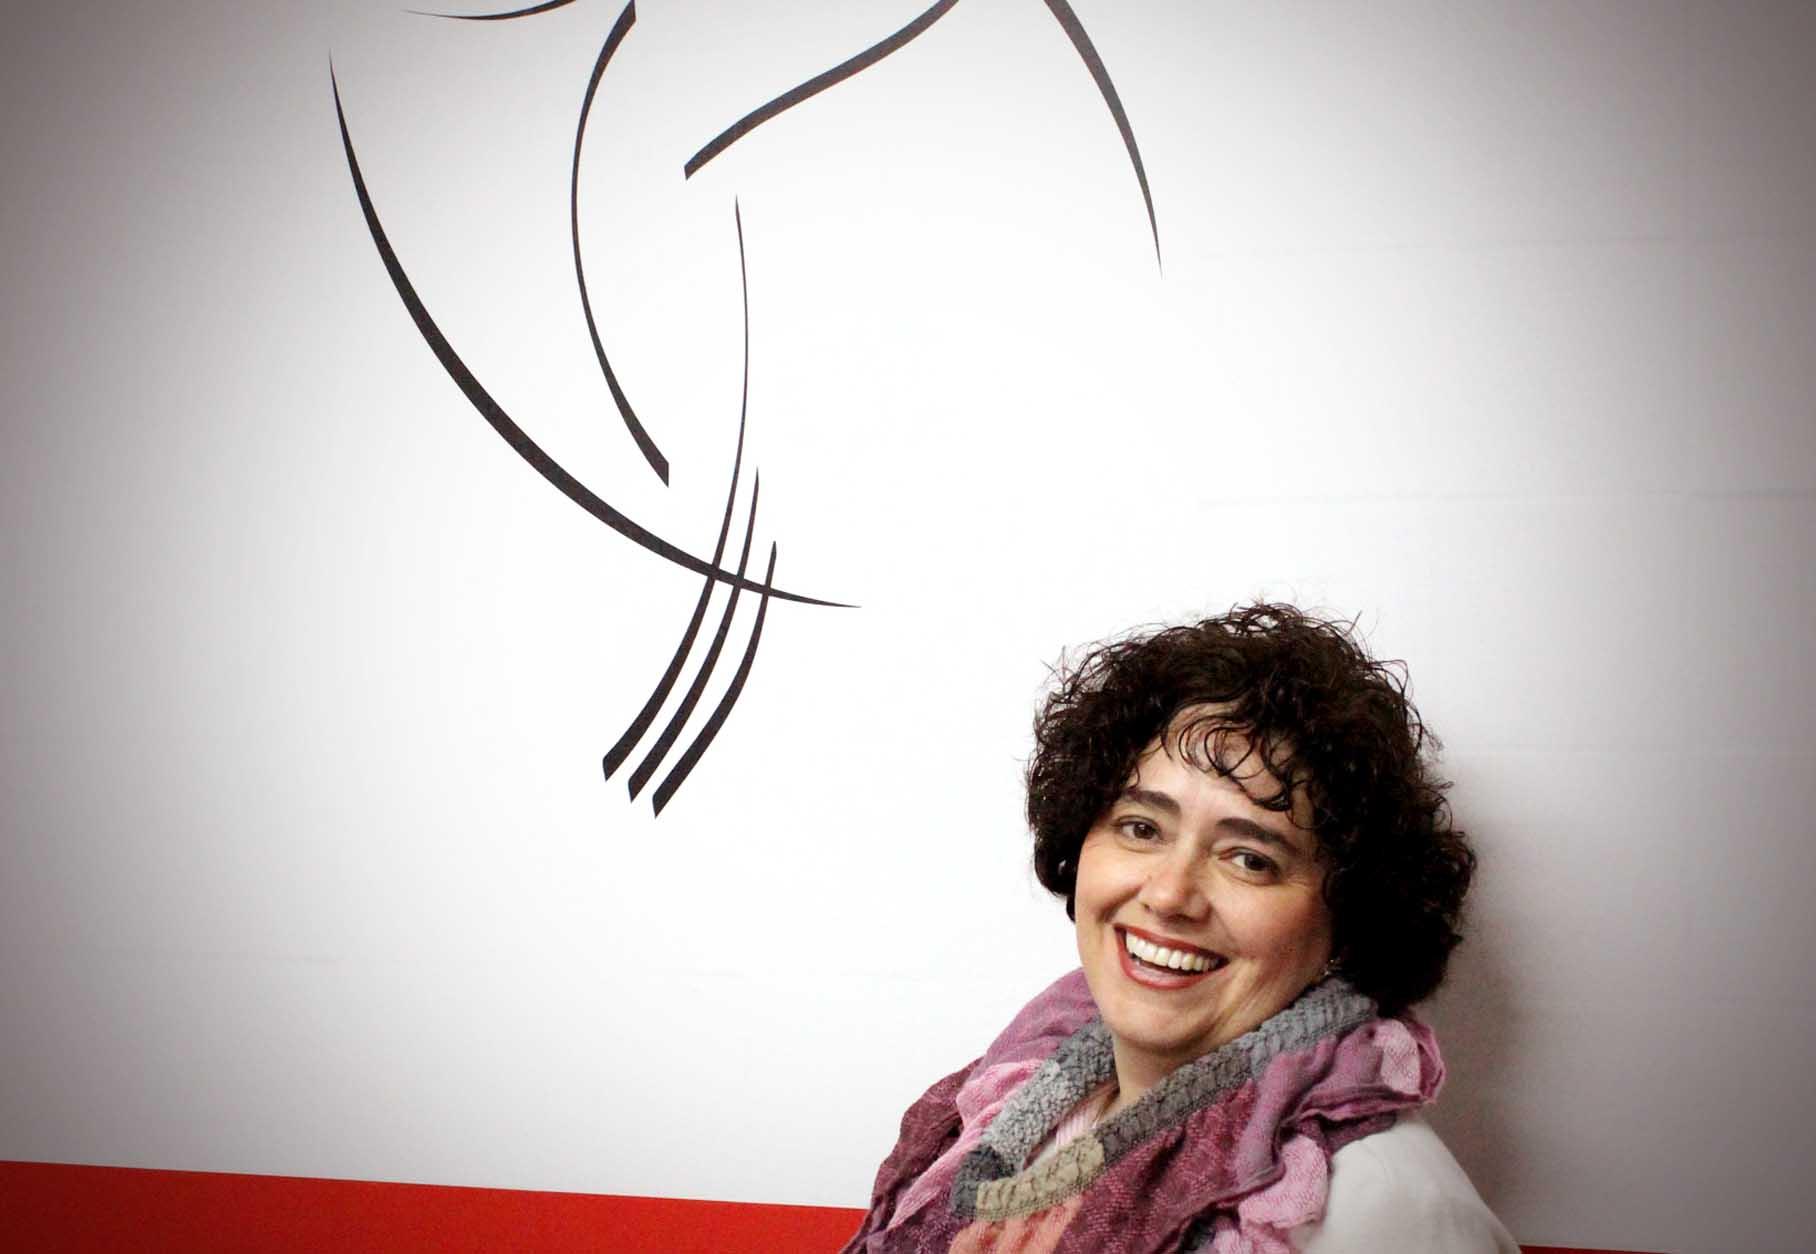 Wagnilda Alves Minasi